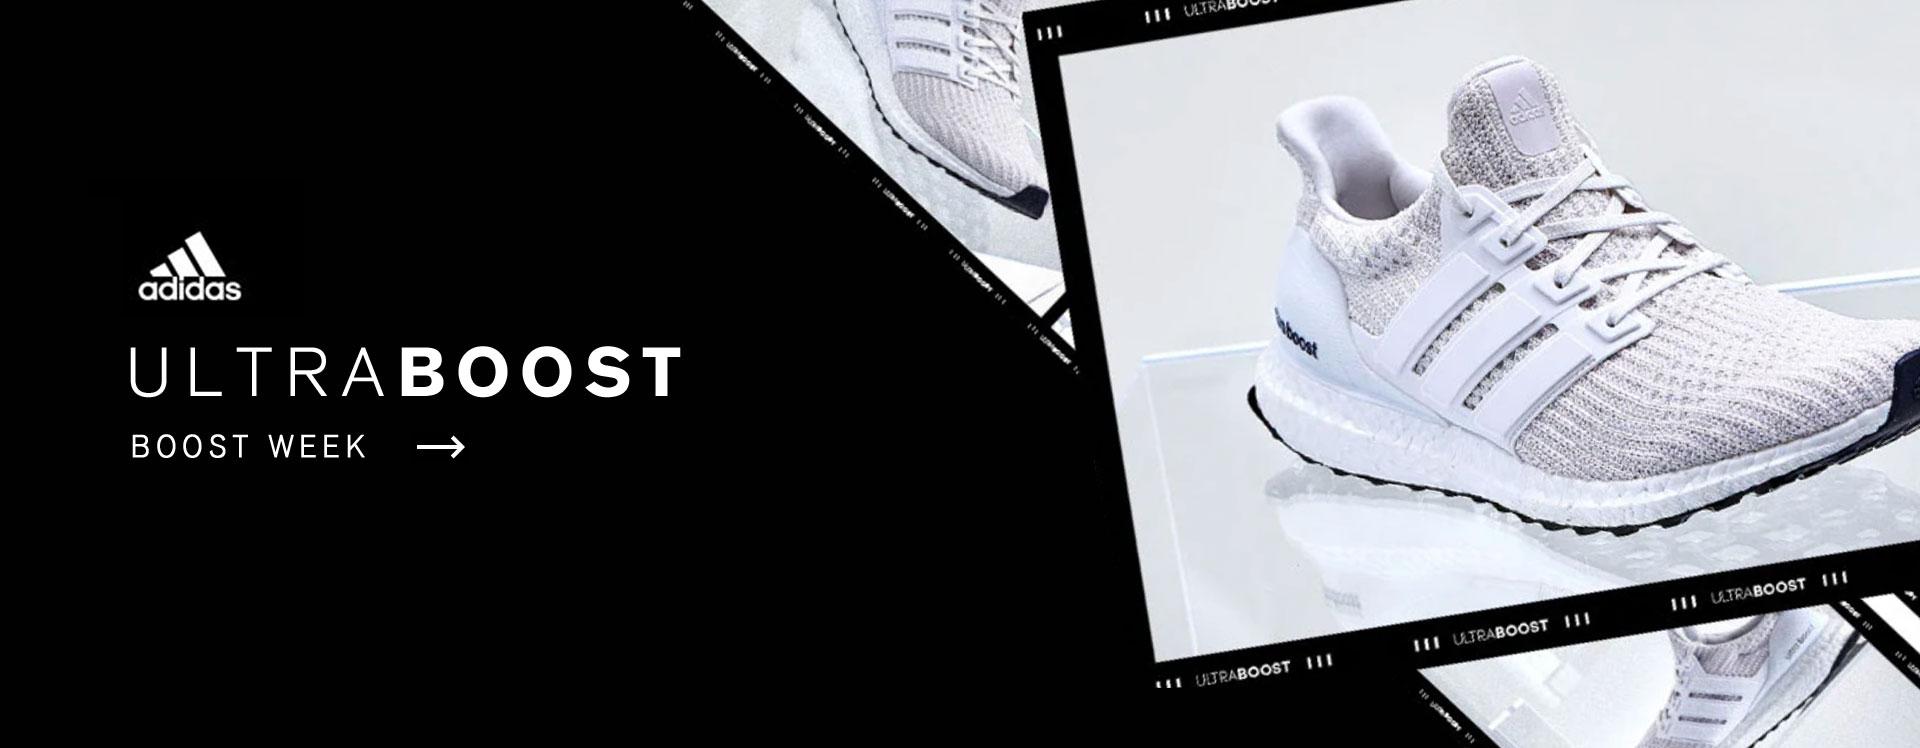 adidas UltraBOOST week